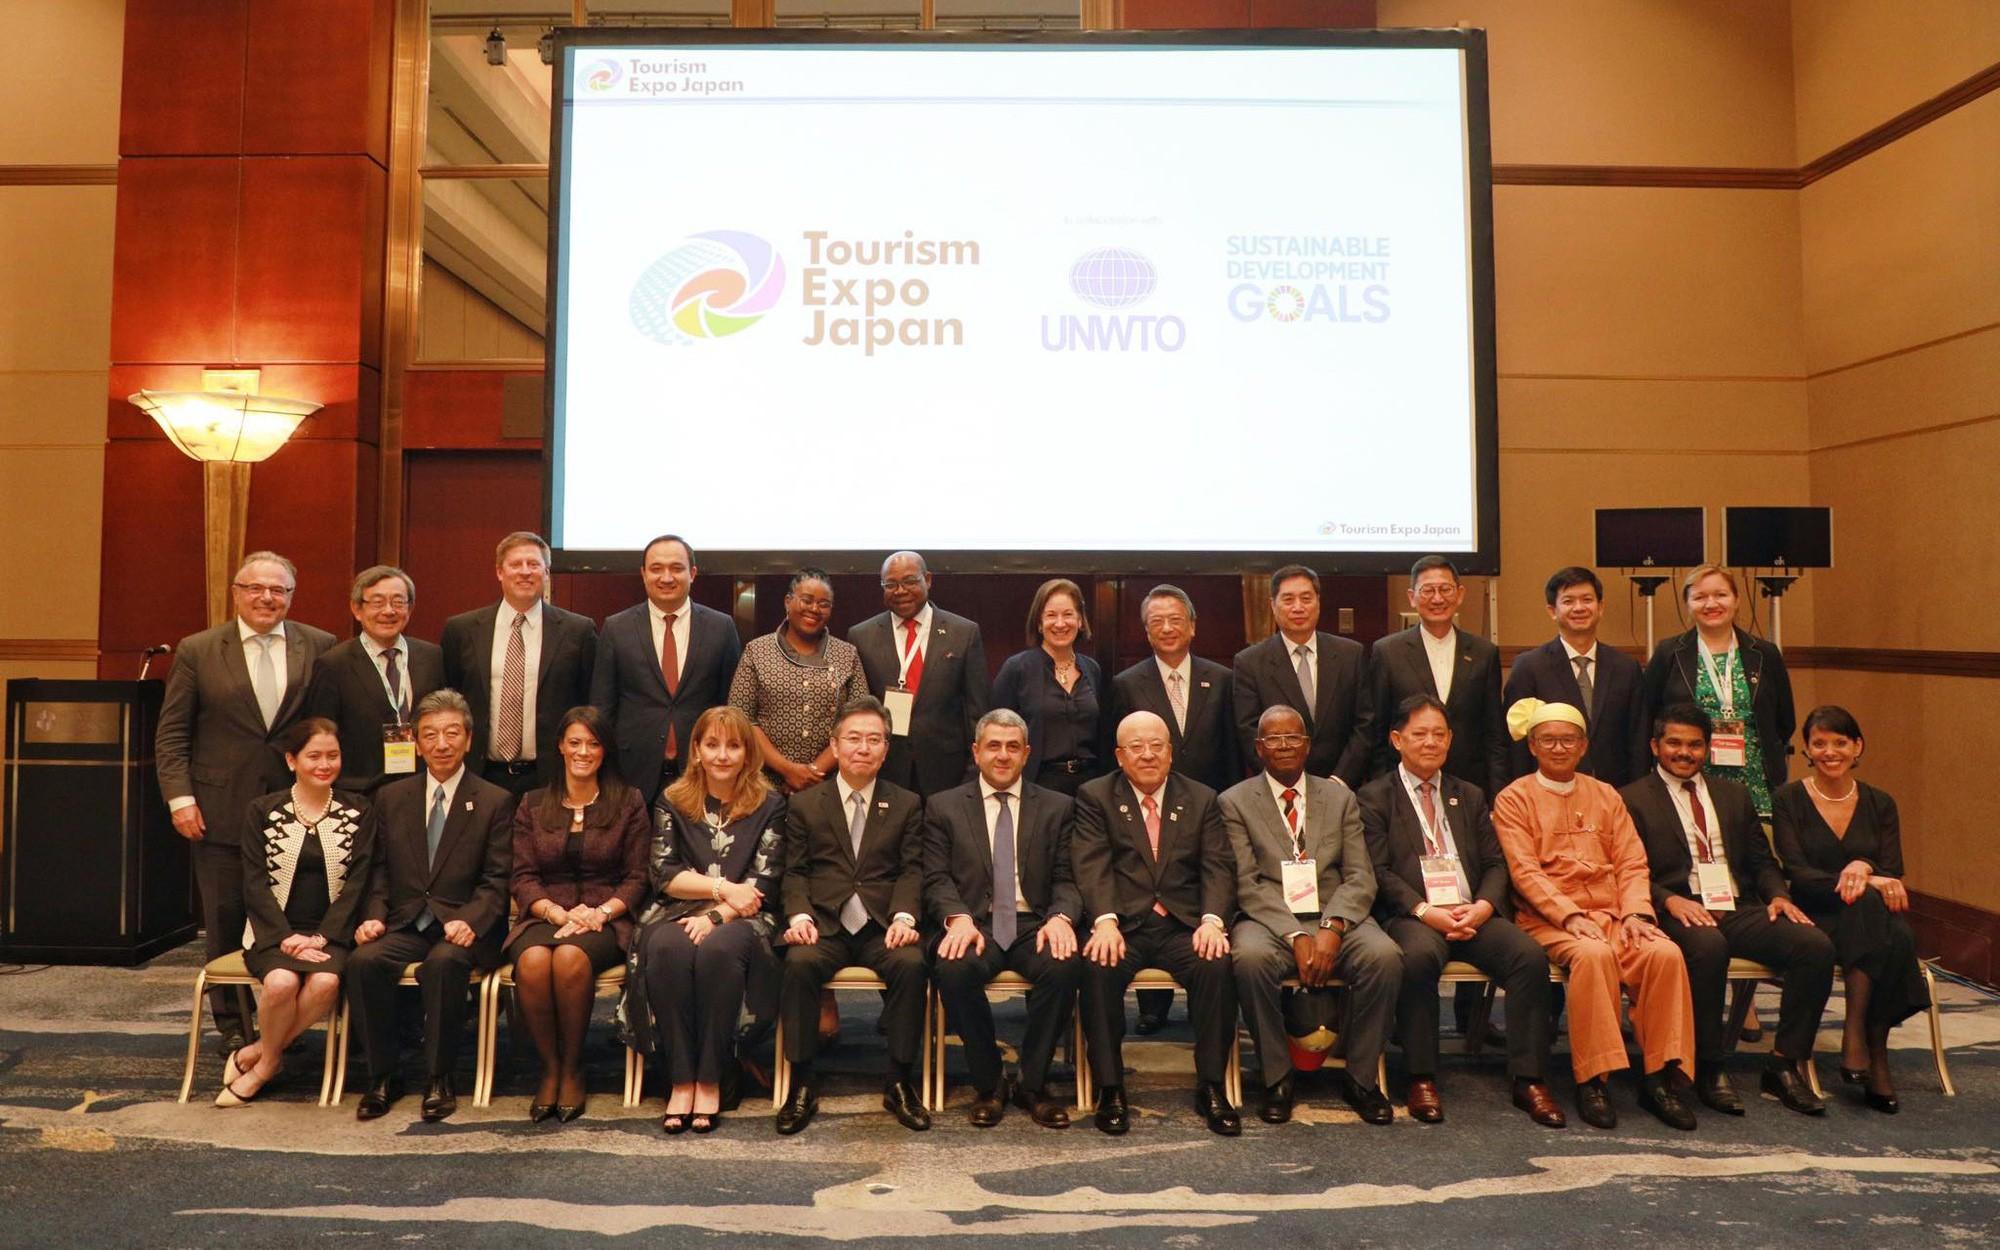 Toạ đàm Bộ trưởng du lịch trong khuôn khổ Hội chợ Du lịch Quốc tế EXPO Nhật Bản 2019